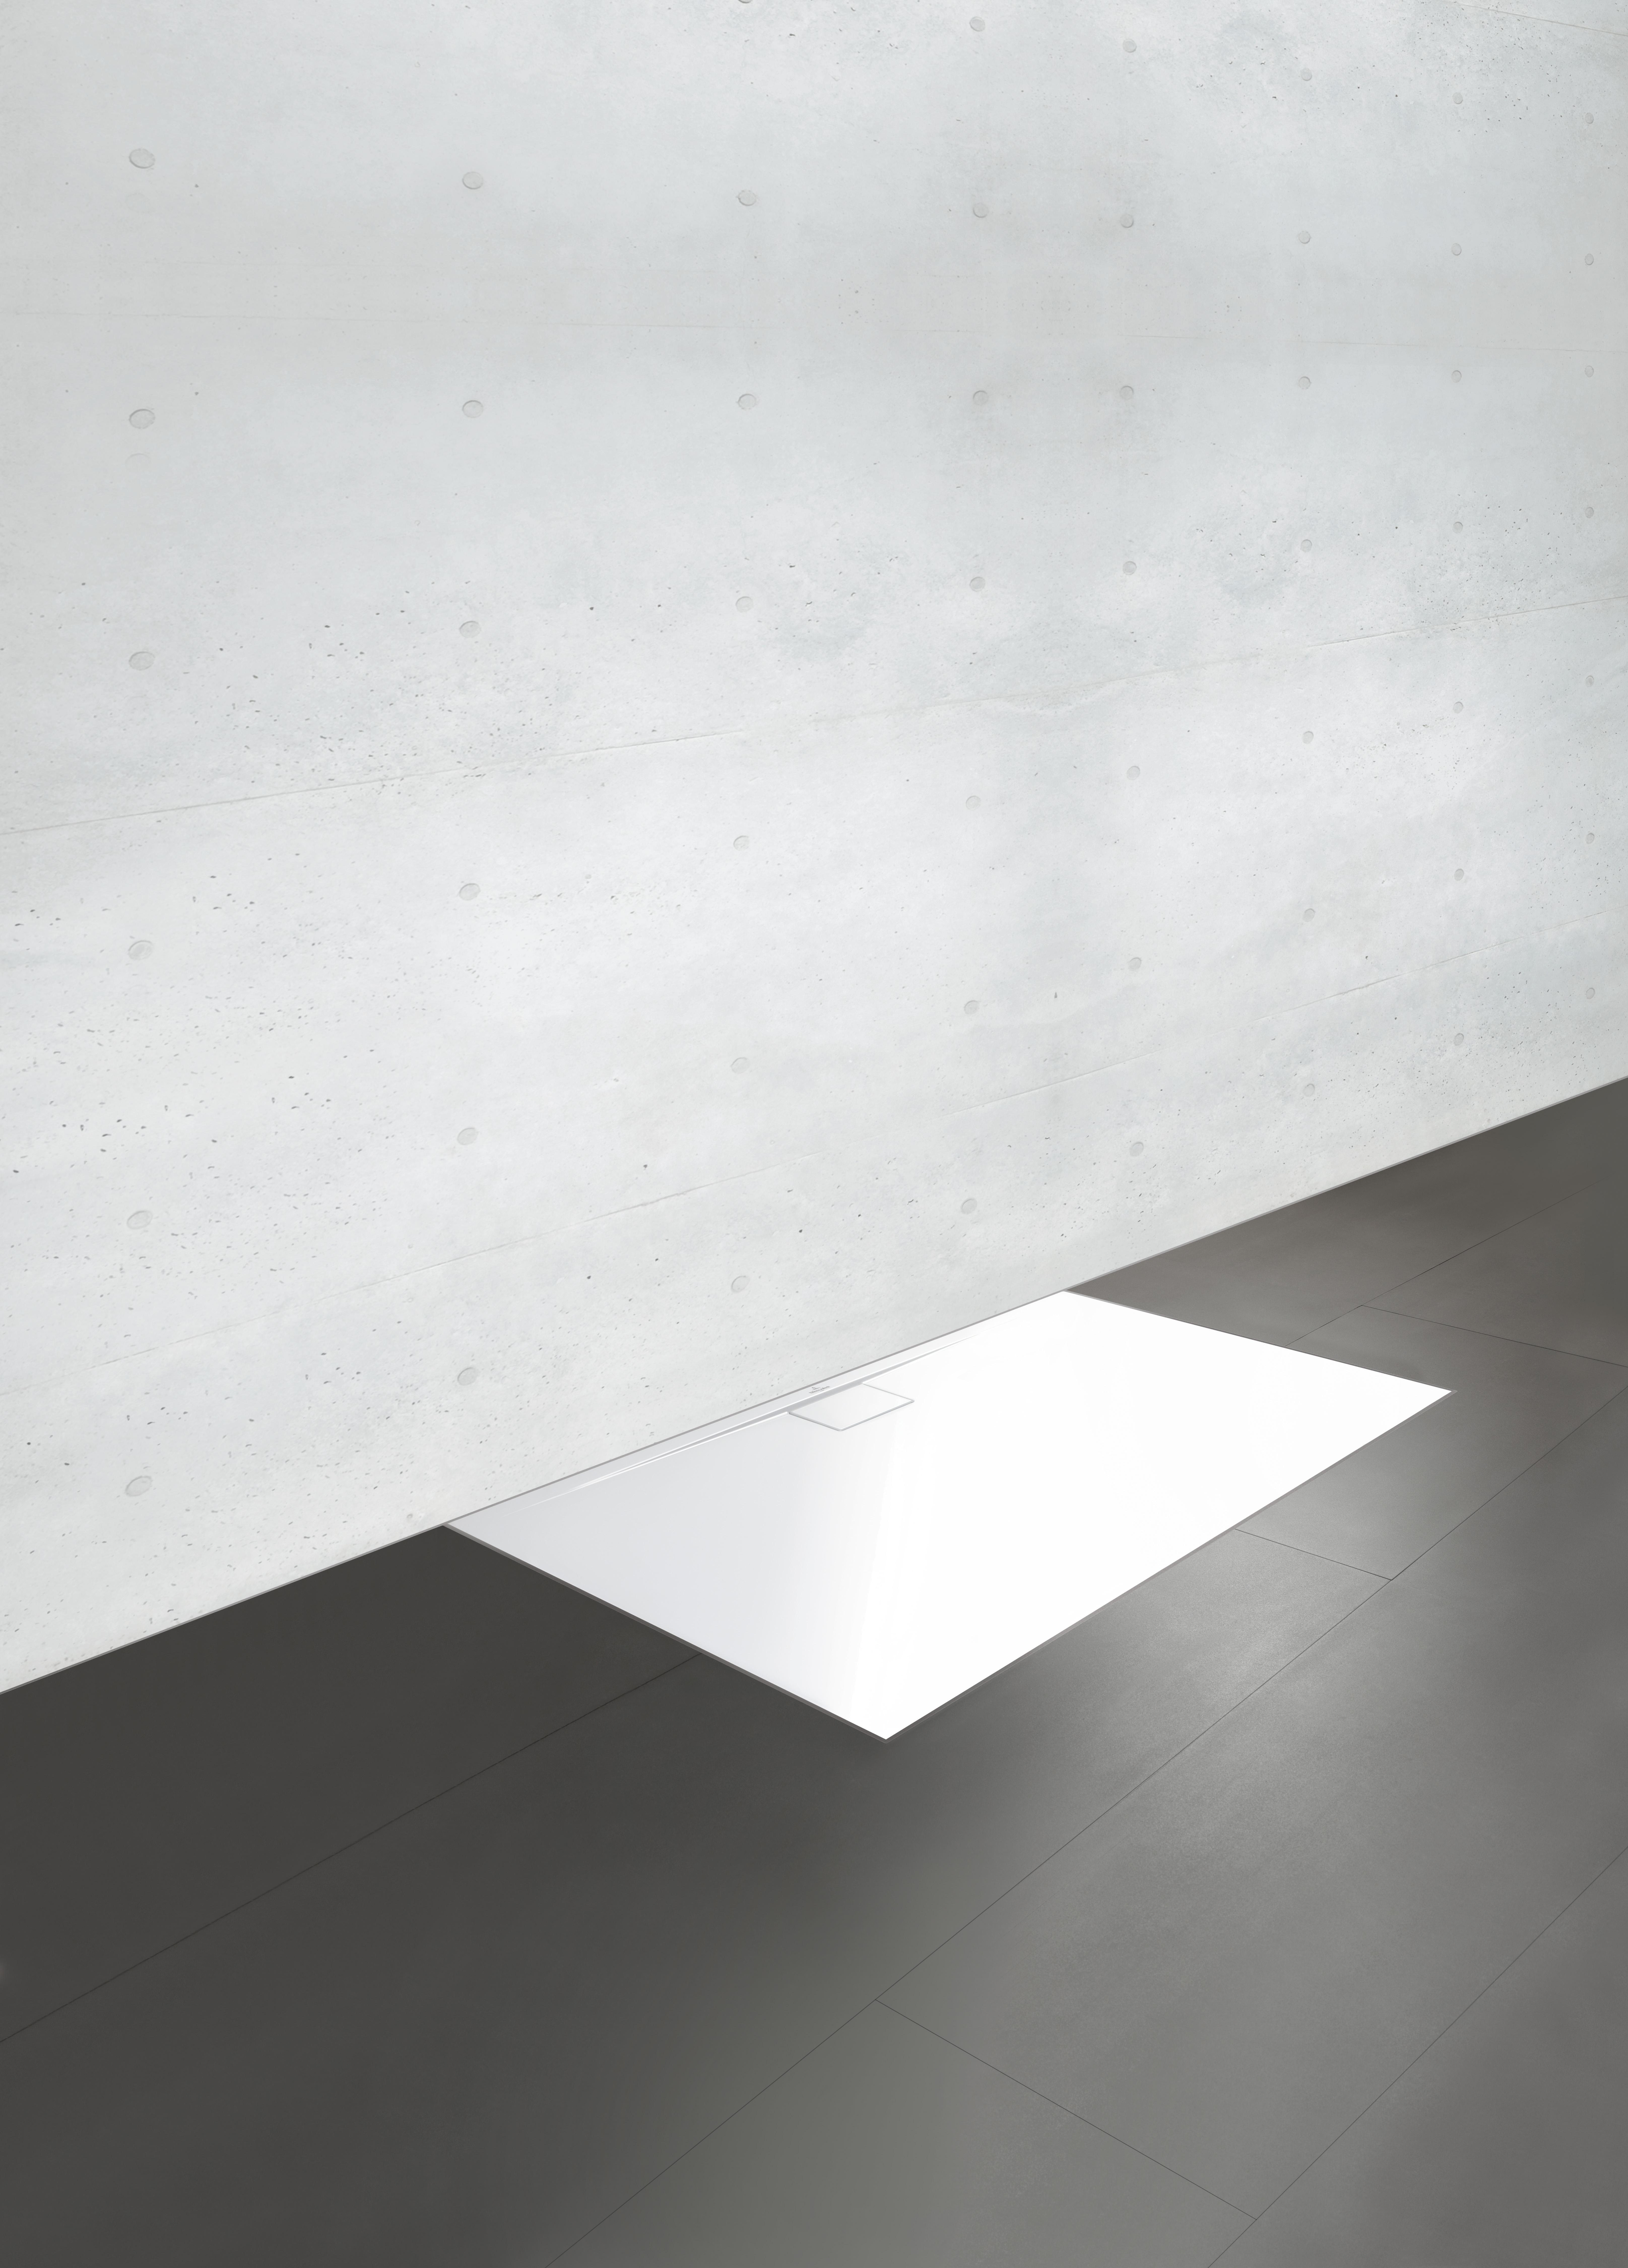 Architectura Receveur de douche, Receveurs de douches (Acrylique, Quaryl), Receveurs de douche